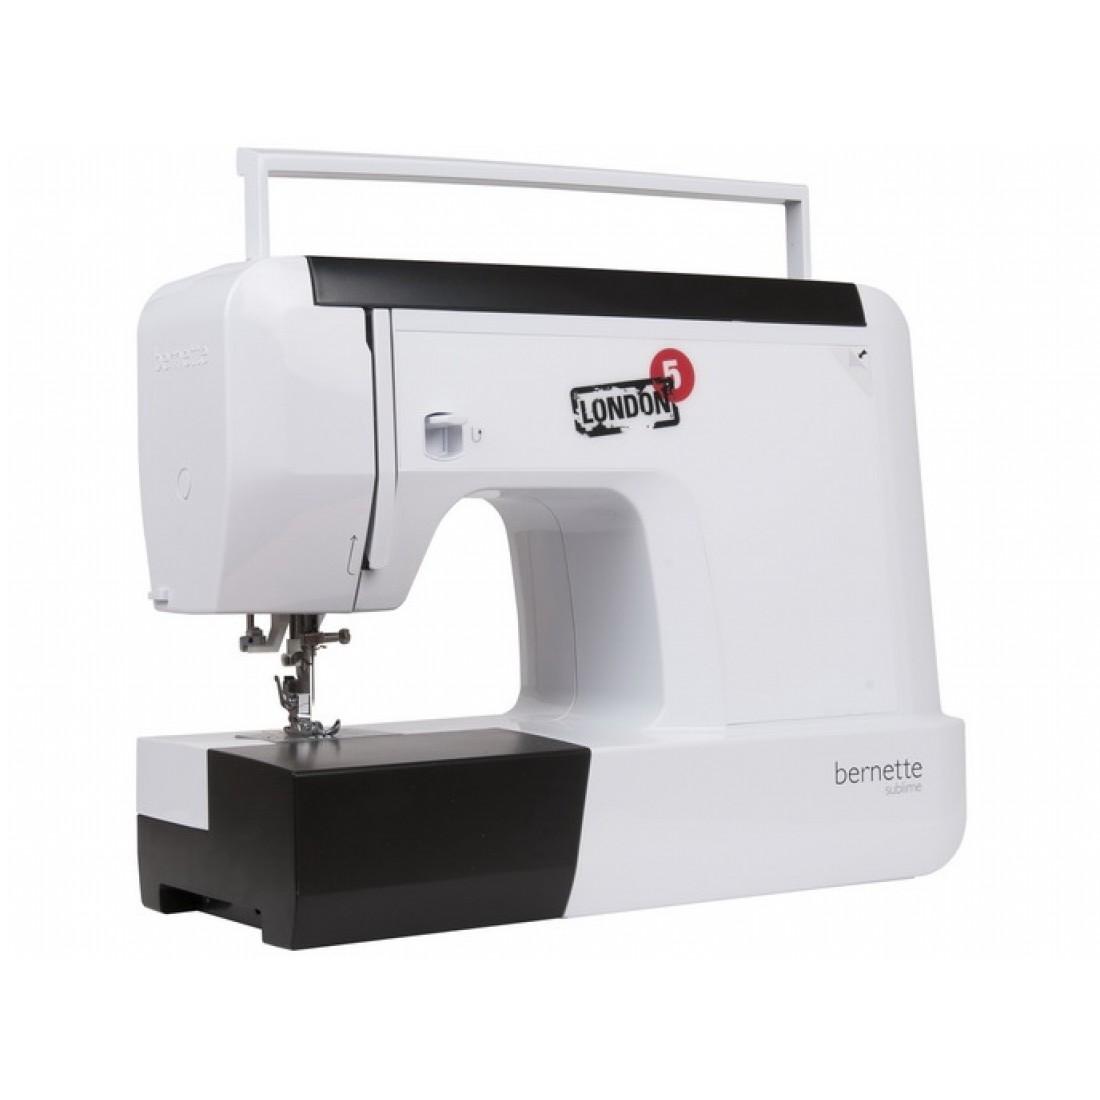 тест швейная машина бернина лондон5 том